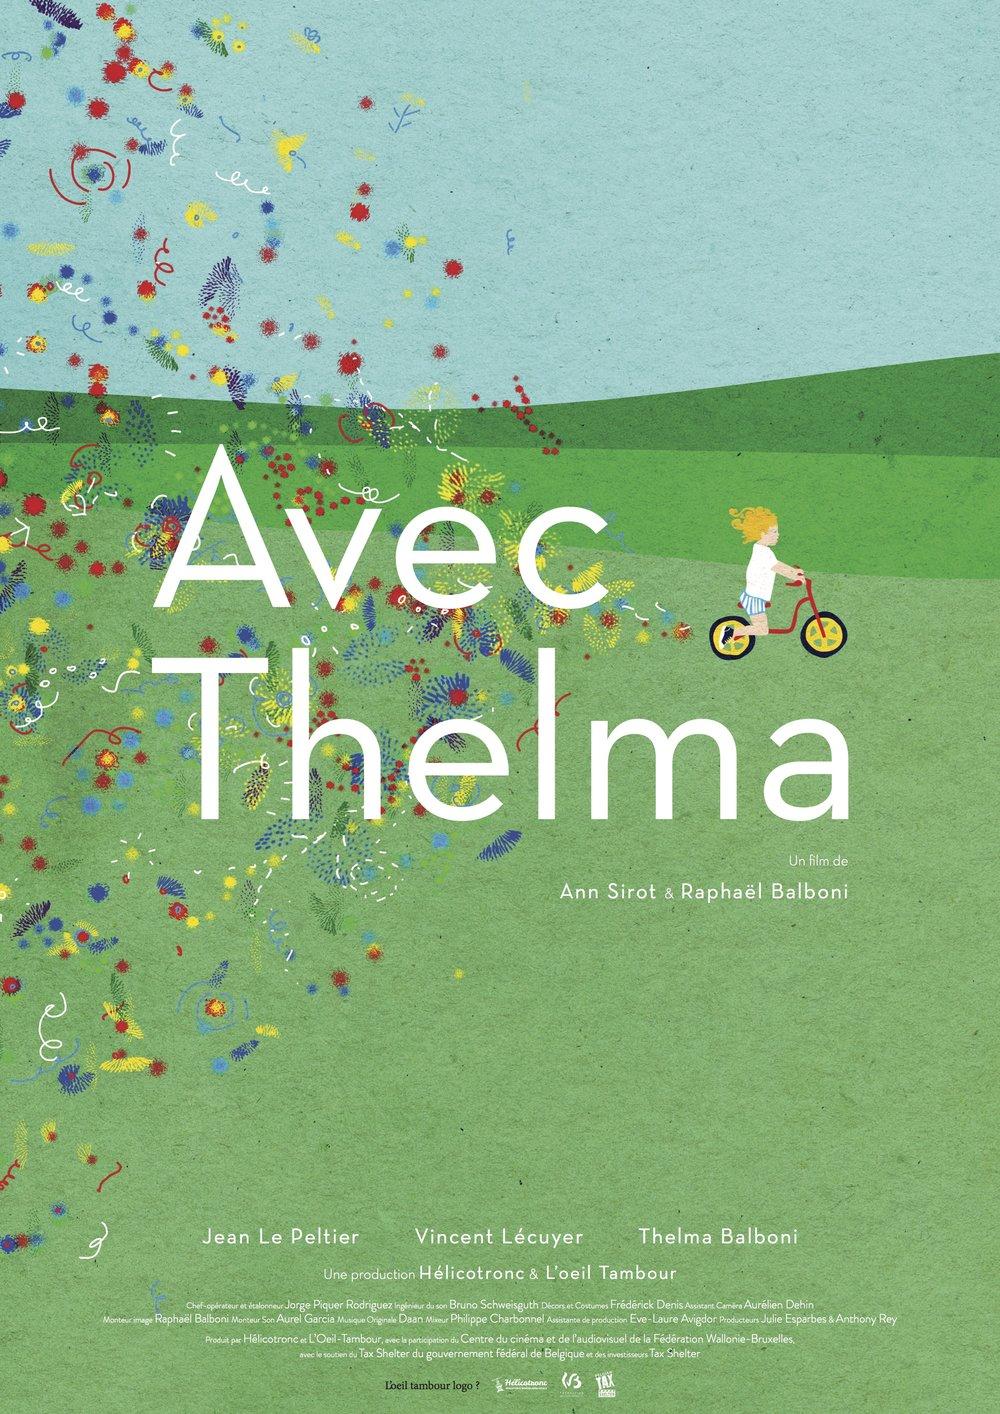 AVEC THELMA de Ann Sirot et Raphaël Balboniremporte le Magritte du Meilleur court métrage de fiction !